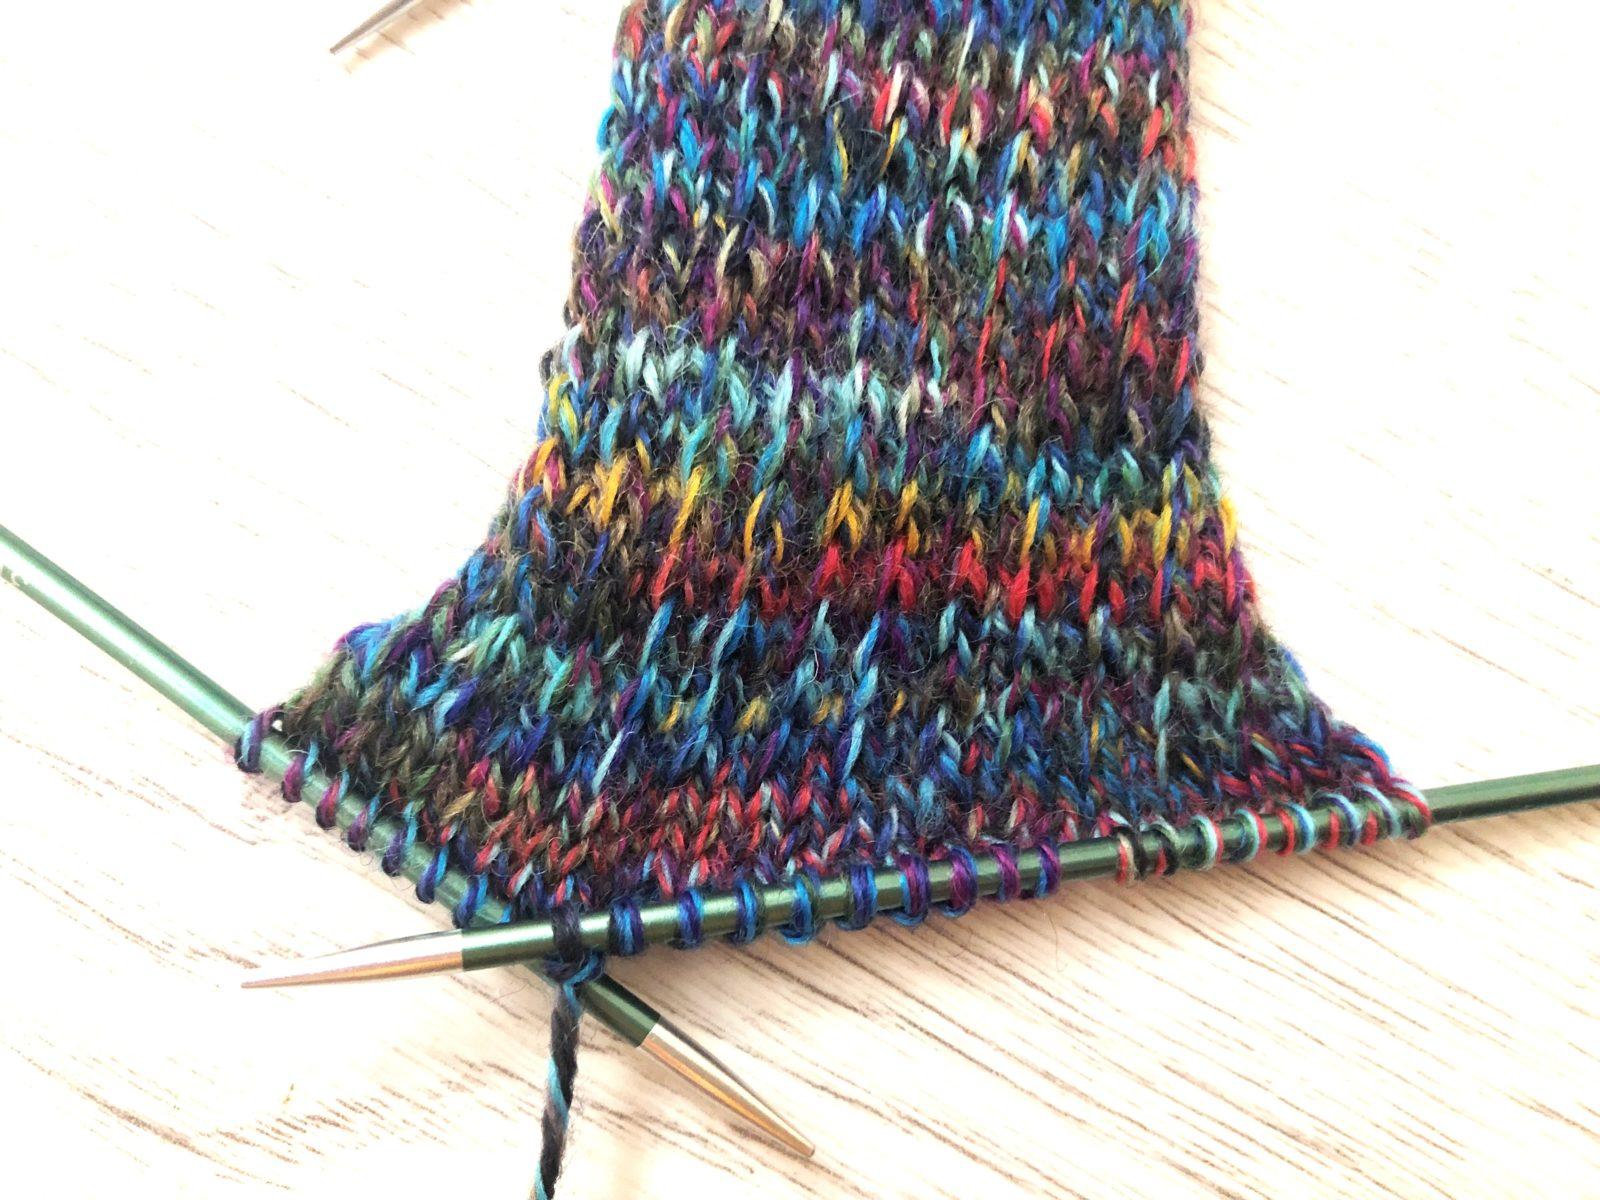 Носки спицами с простым узором из изнаночных петель